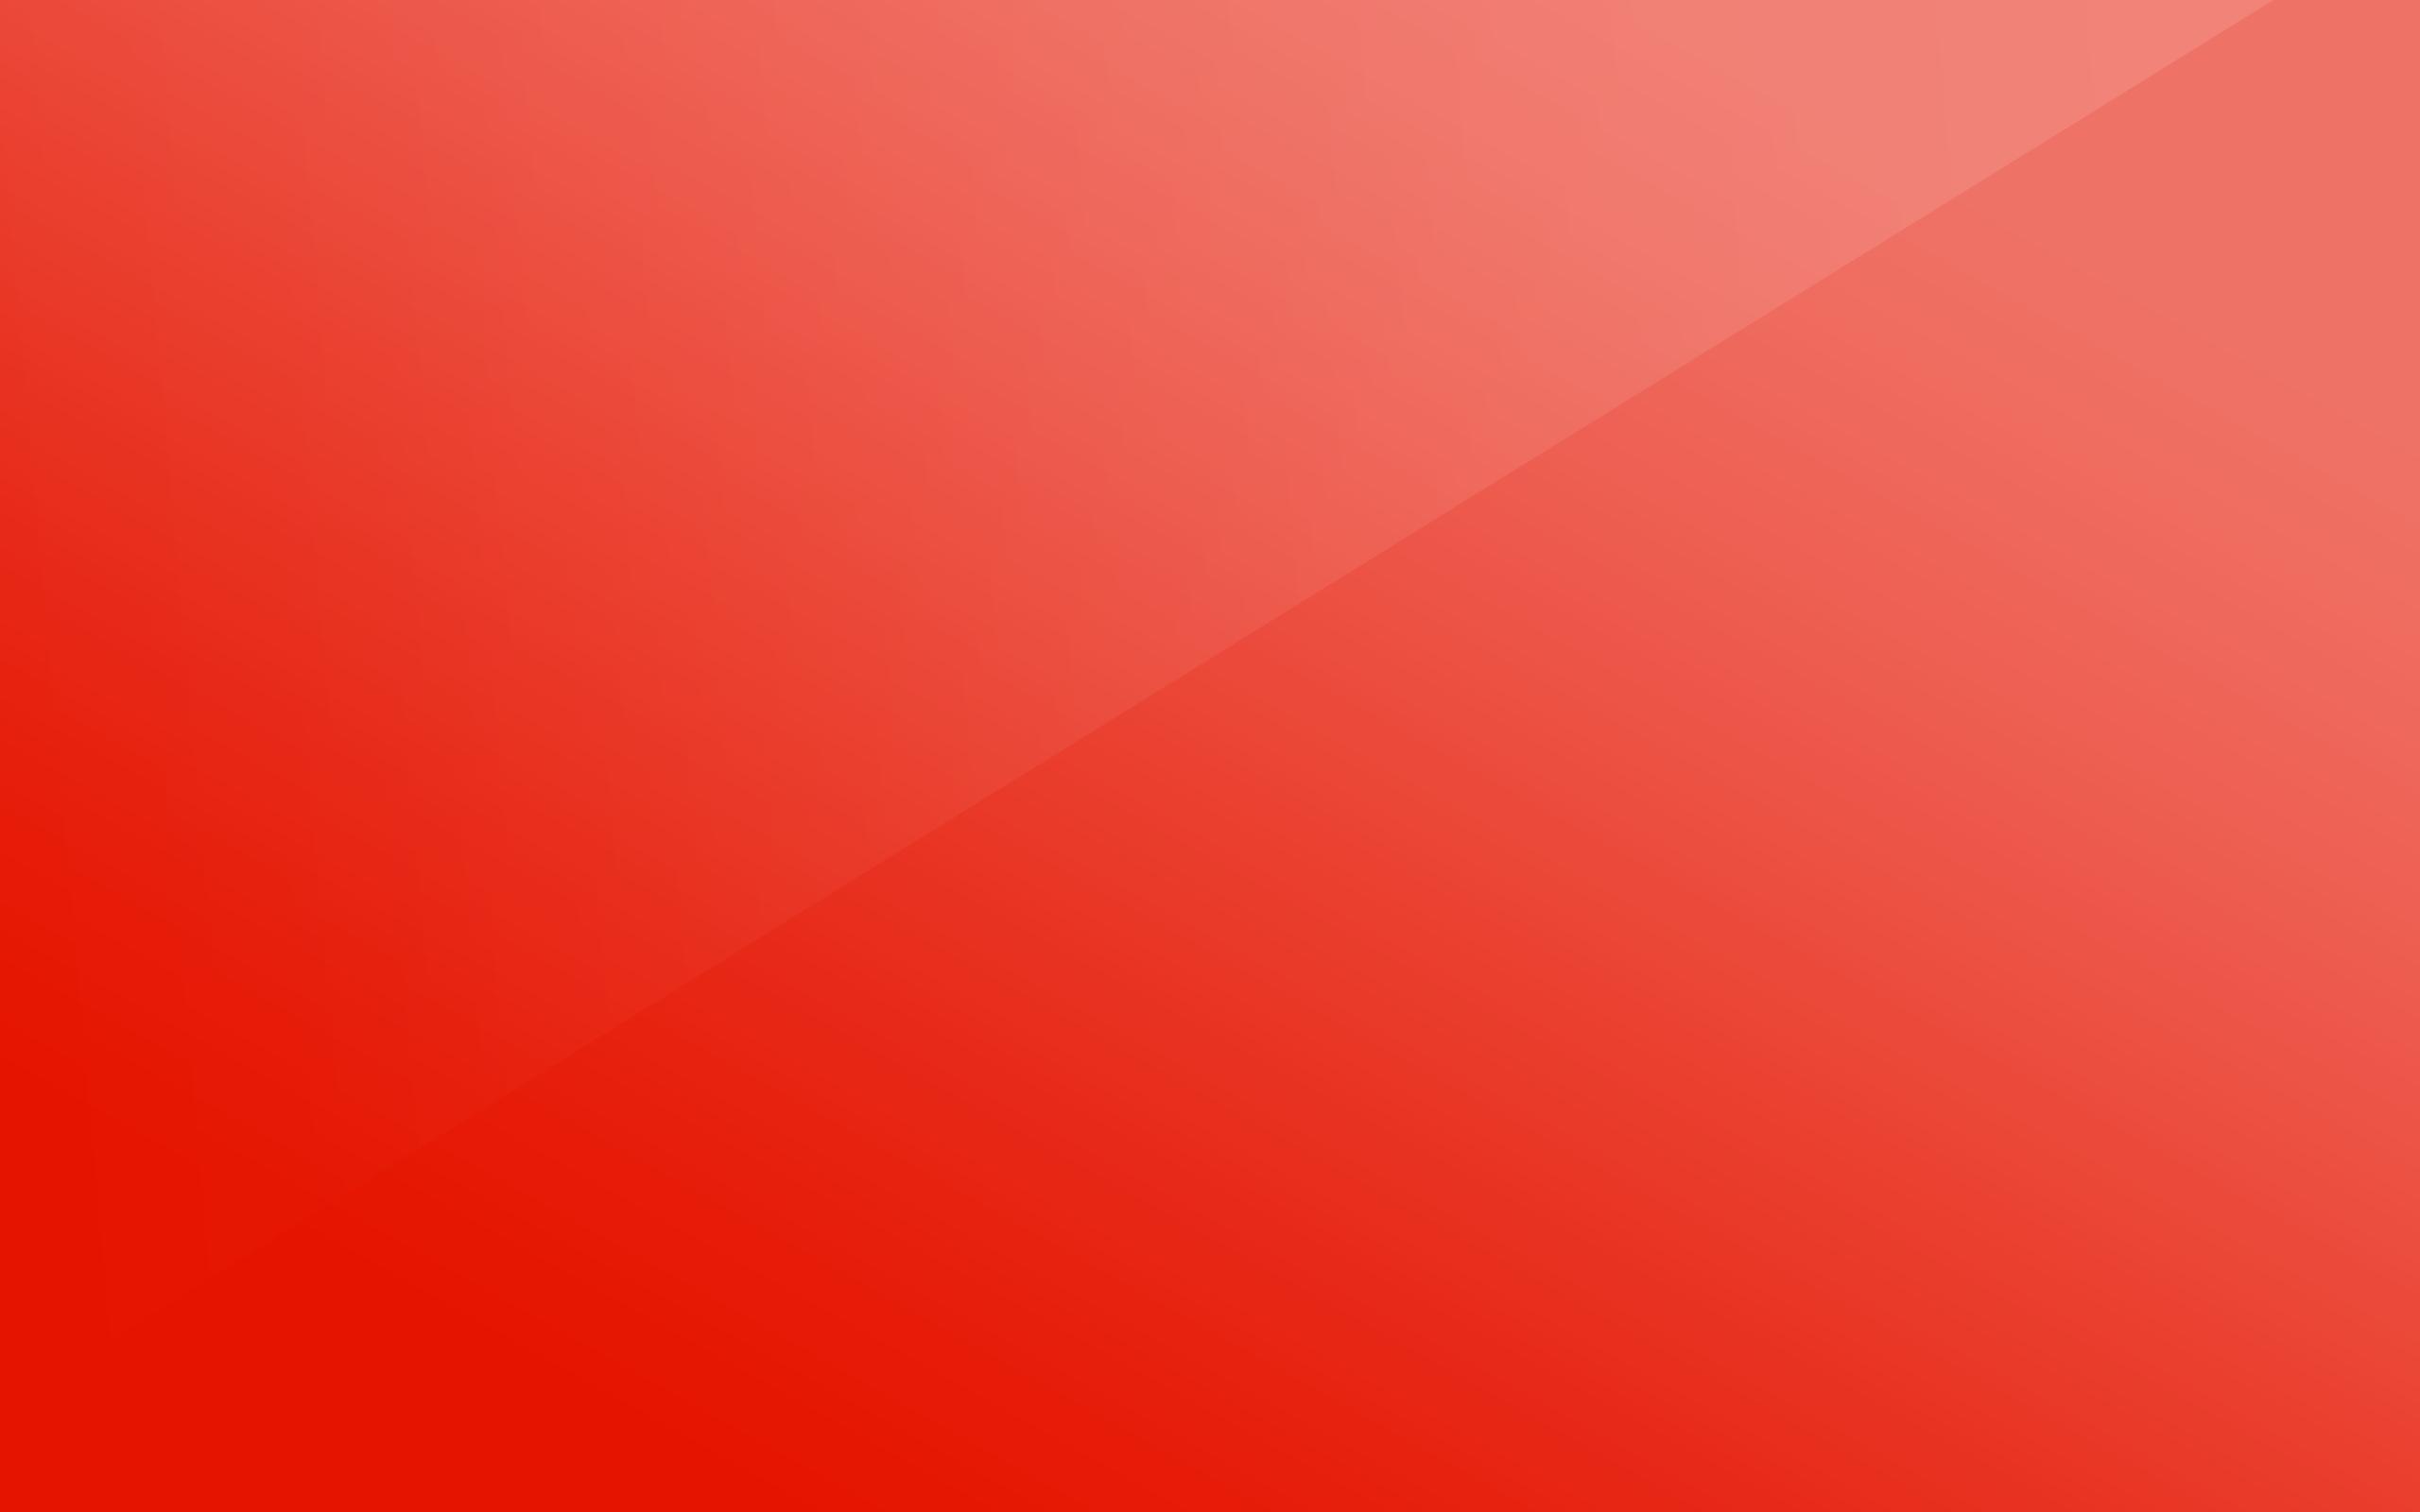 Fondo rojo - 2560x1600